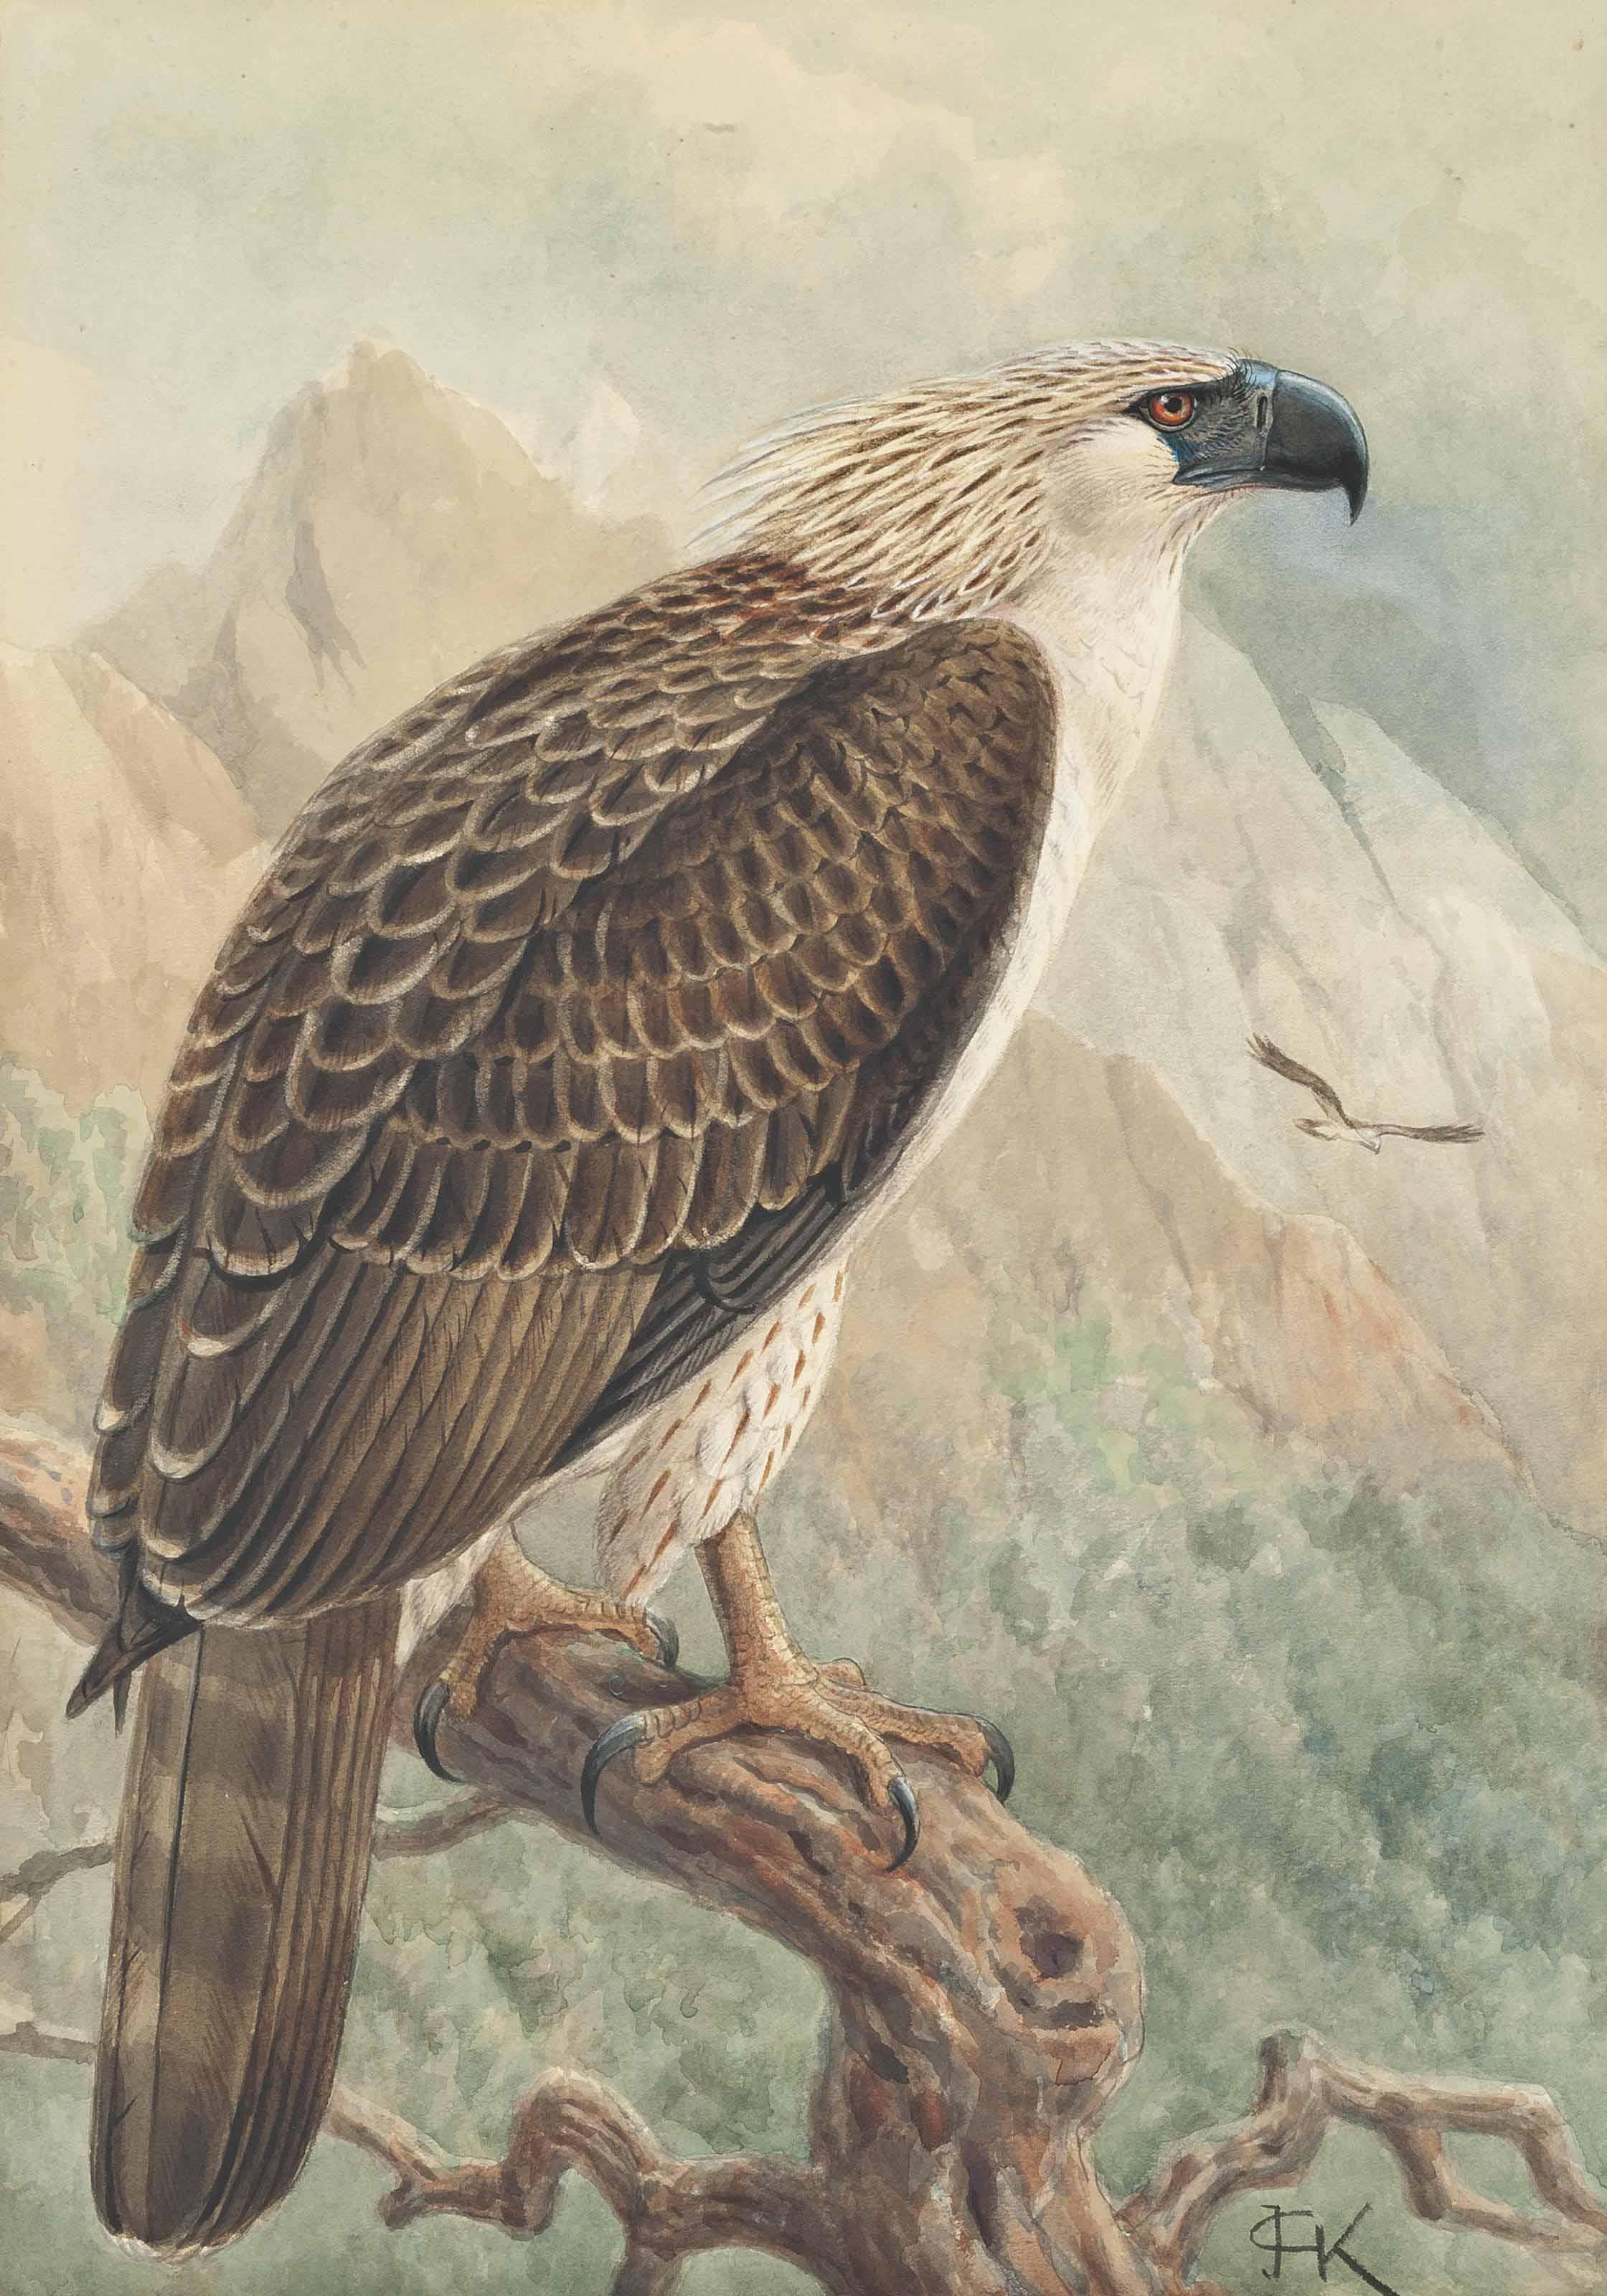 Monkey Eating Eagle, (Pithecophaga Jefferyi)